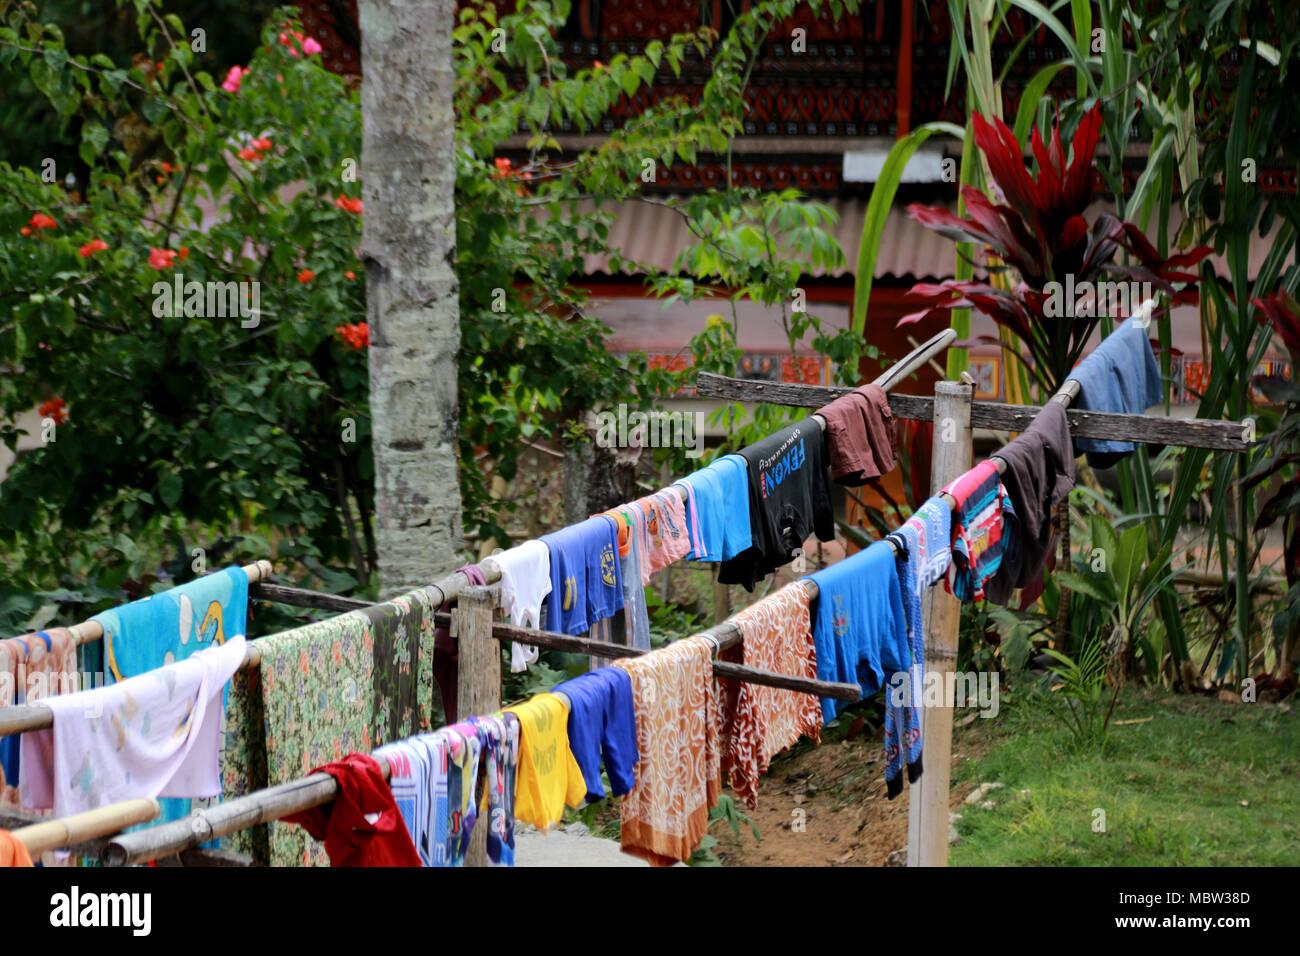 Vie simple dans un village de Toraja, Sulawesi, Indonésie Photo Stock